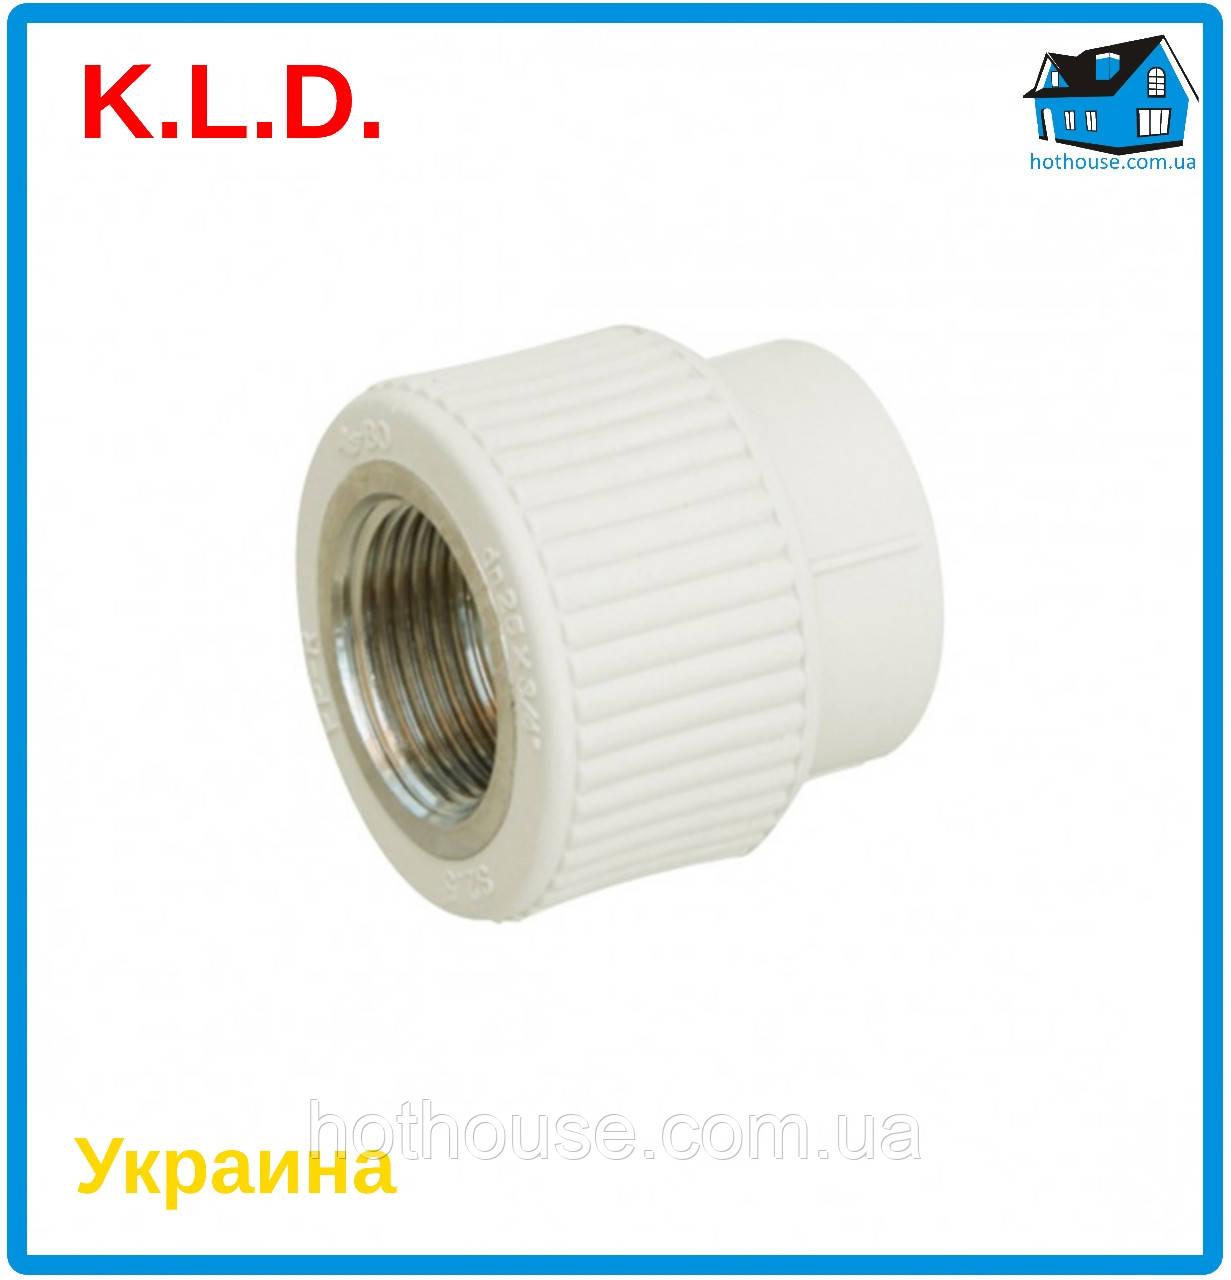 """Муфта с внутренней резьбой (МРВ) K.L.D. Ø40 x 1 1/4"""""""